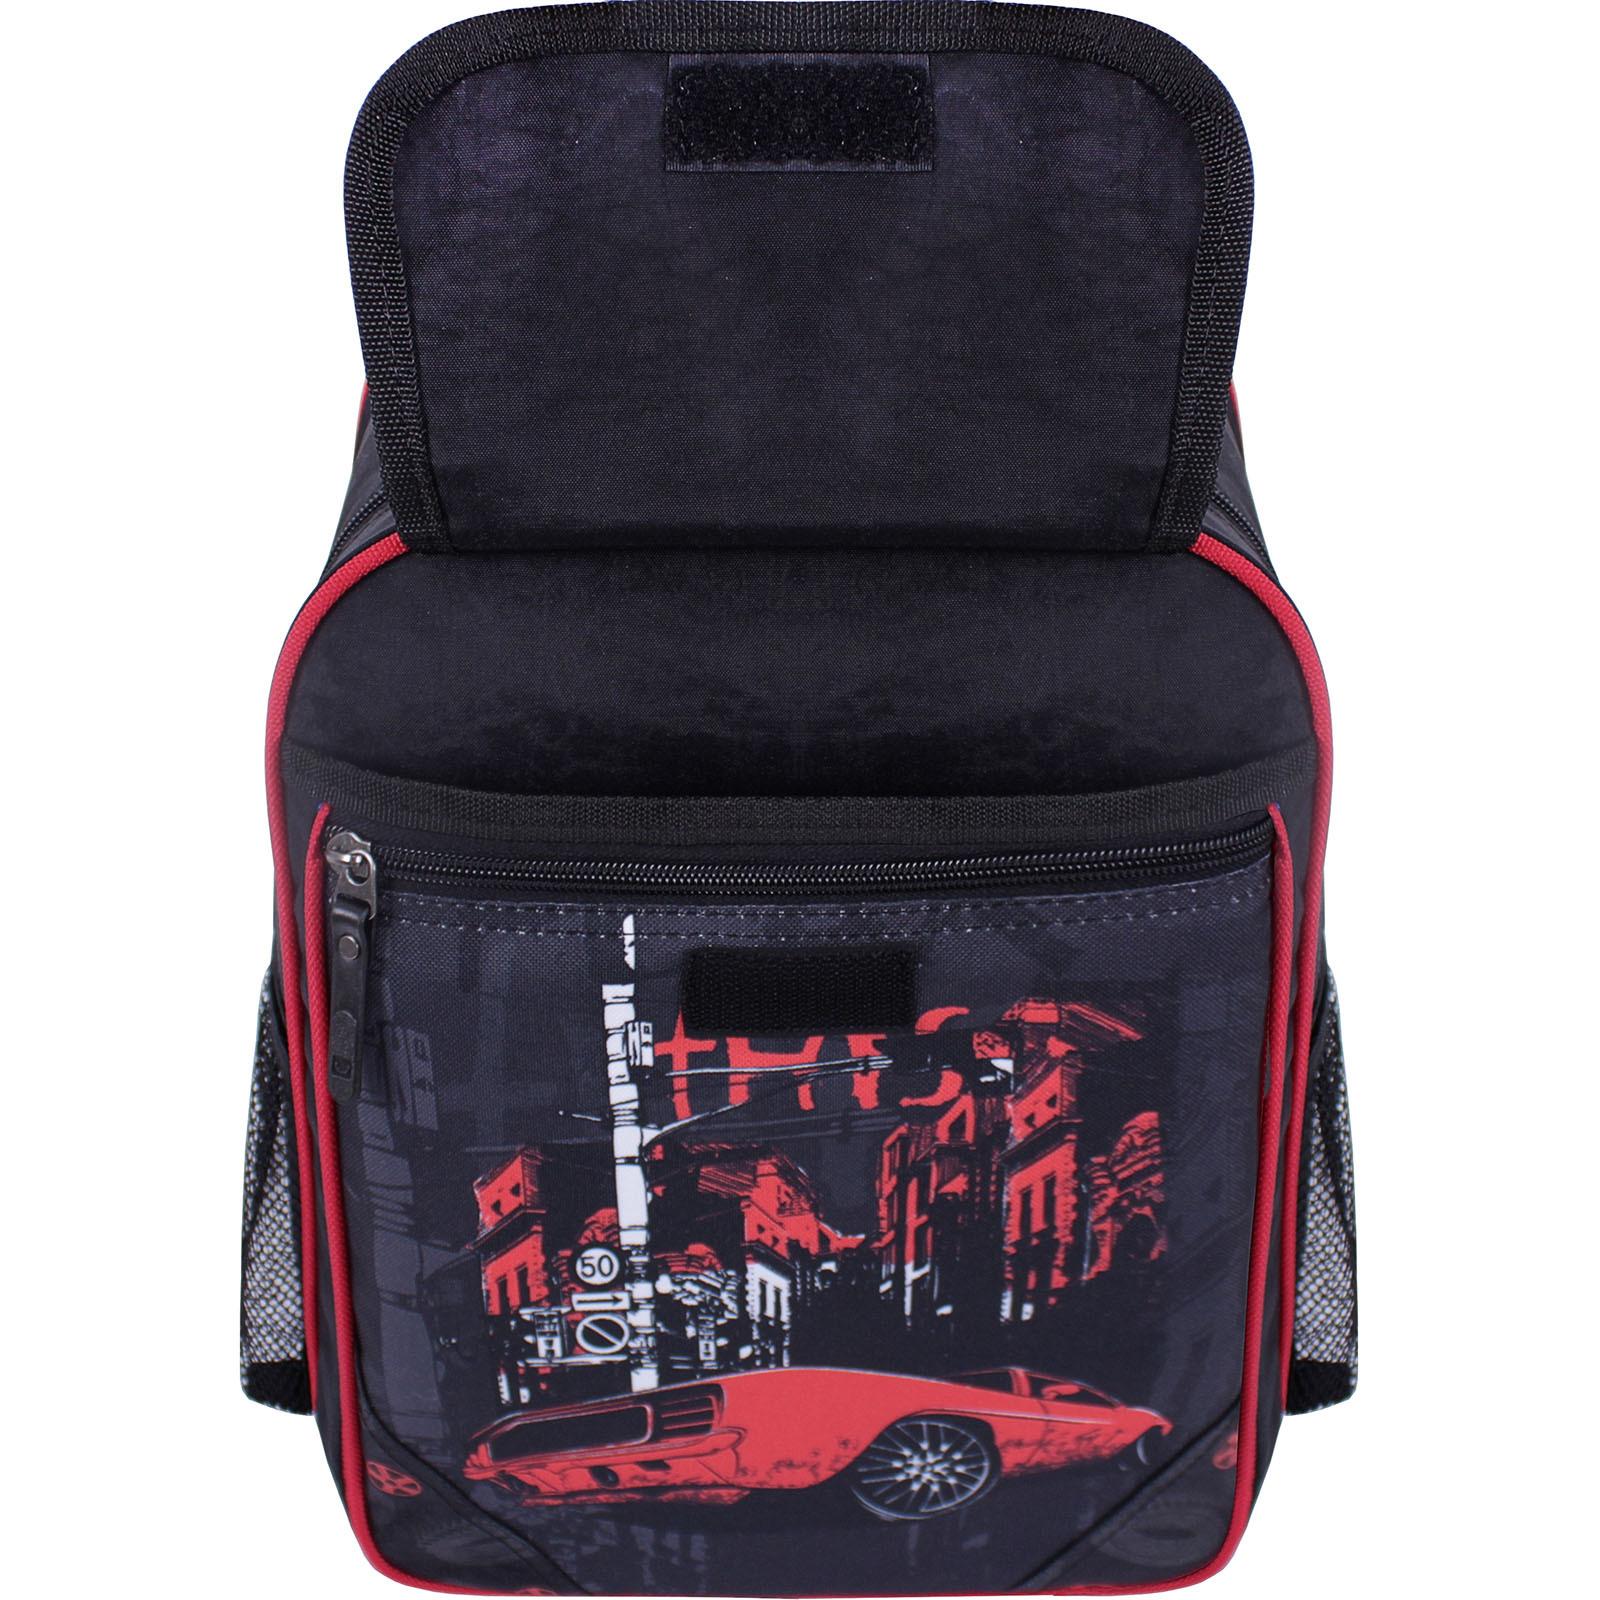 Рюкзак школьный Bagland Отличник 20 л. черный 568 (0058070) фото 4